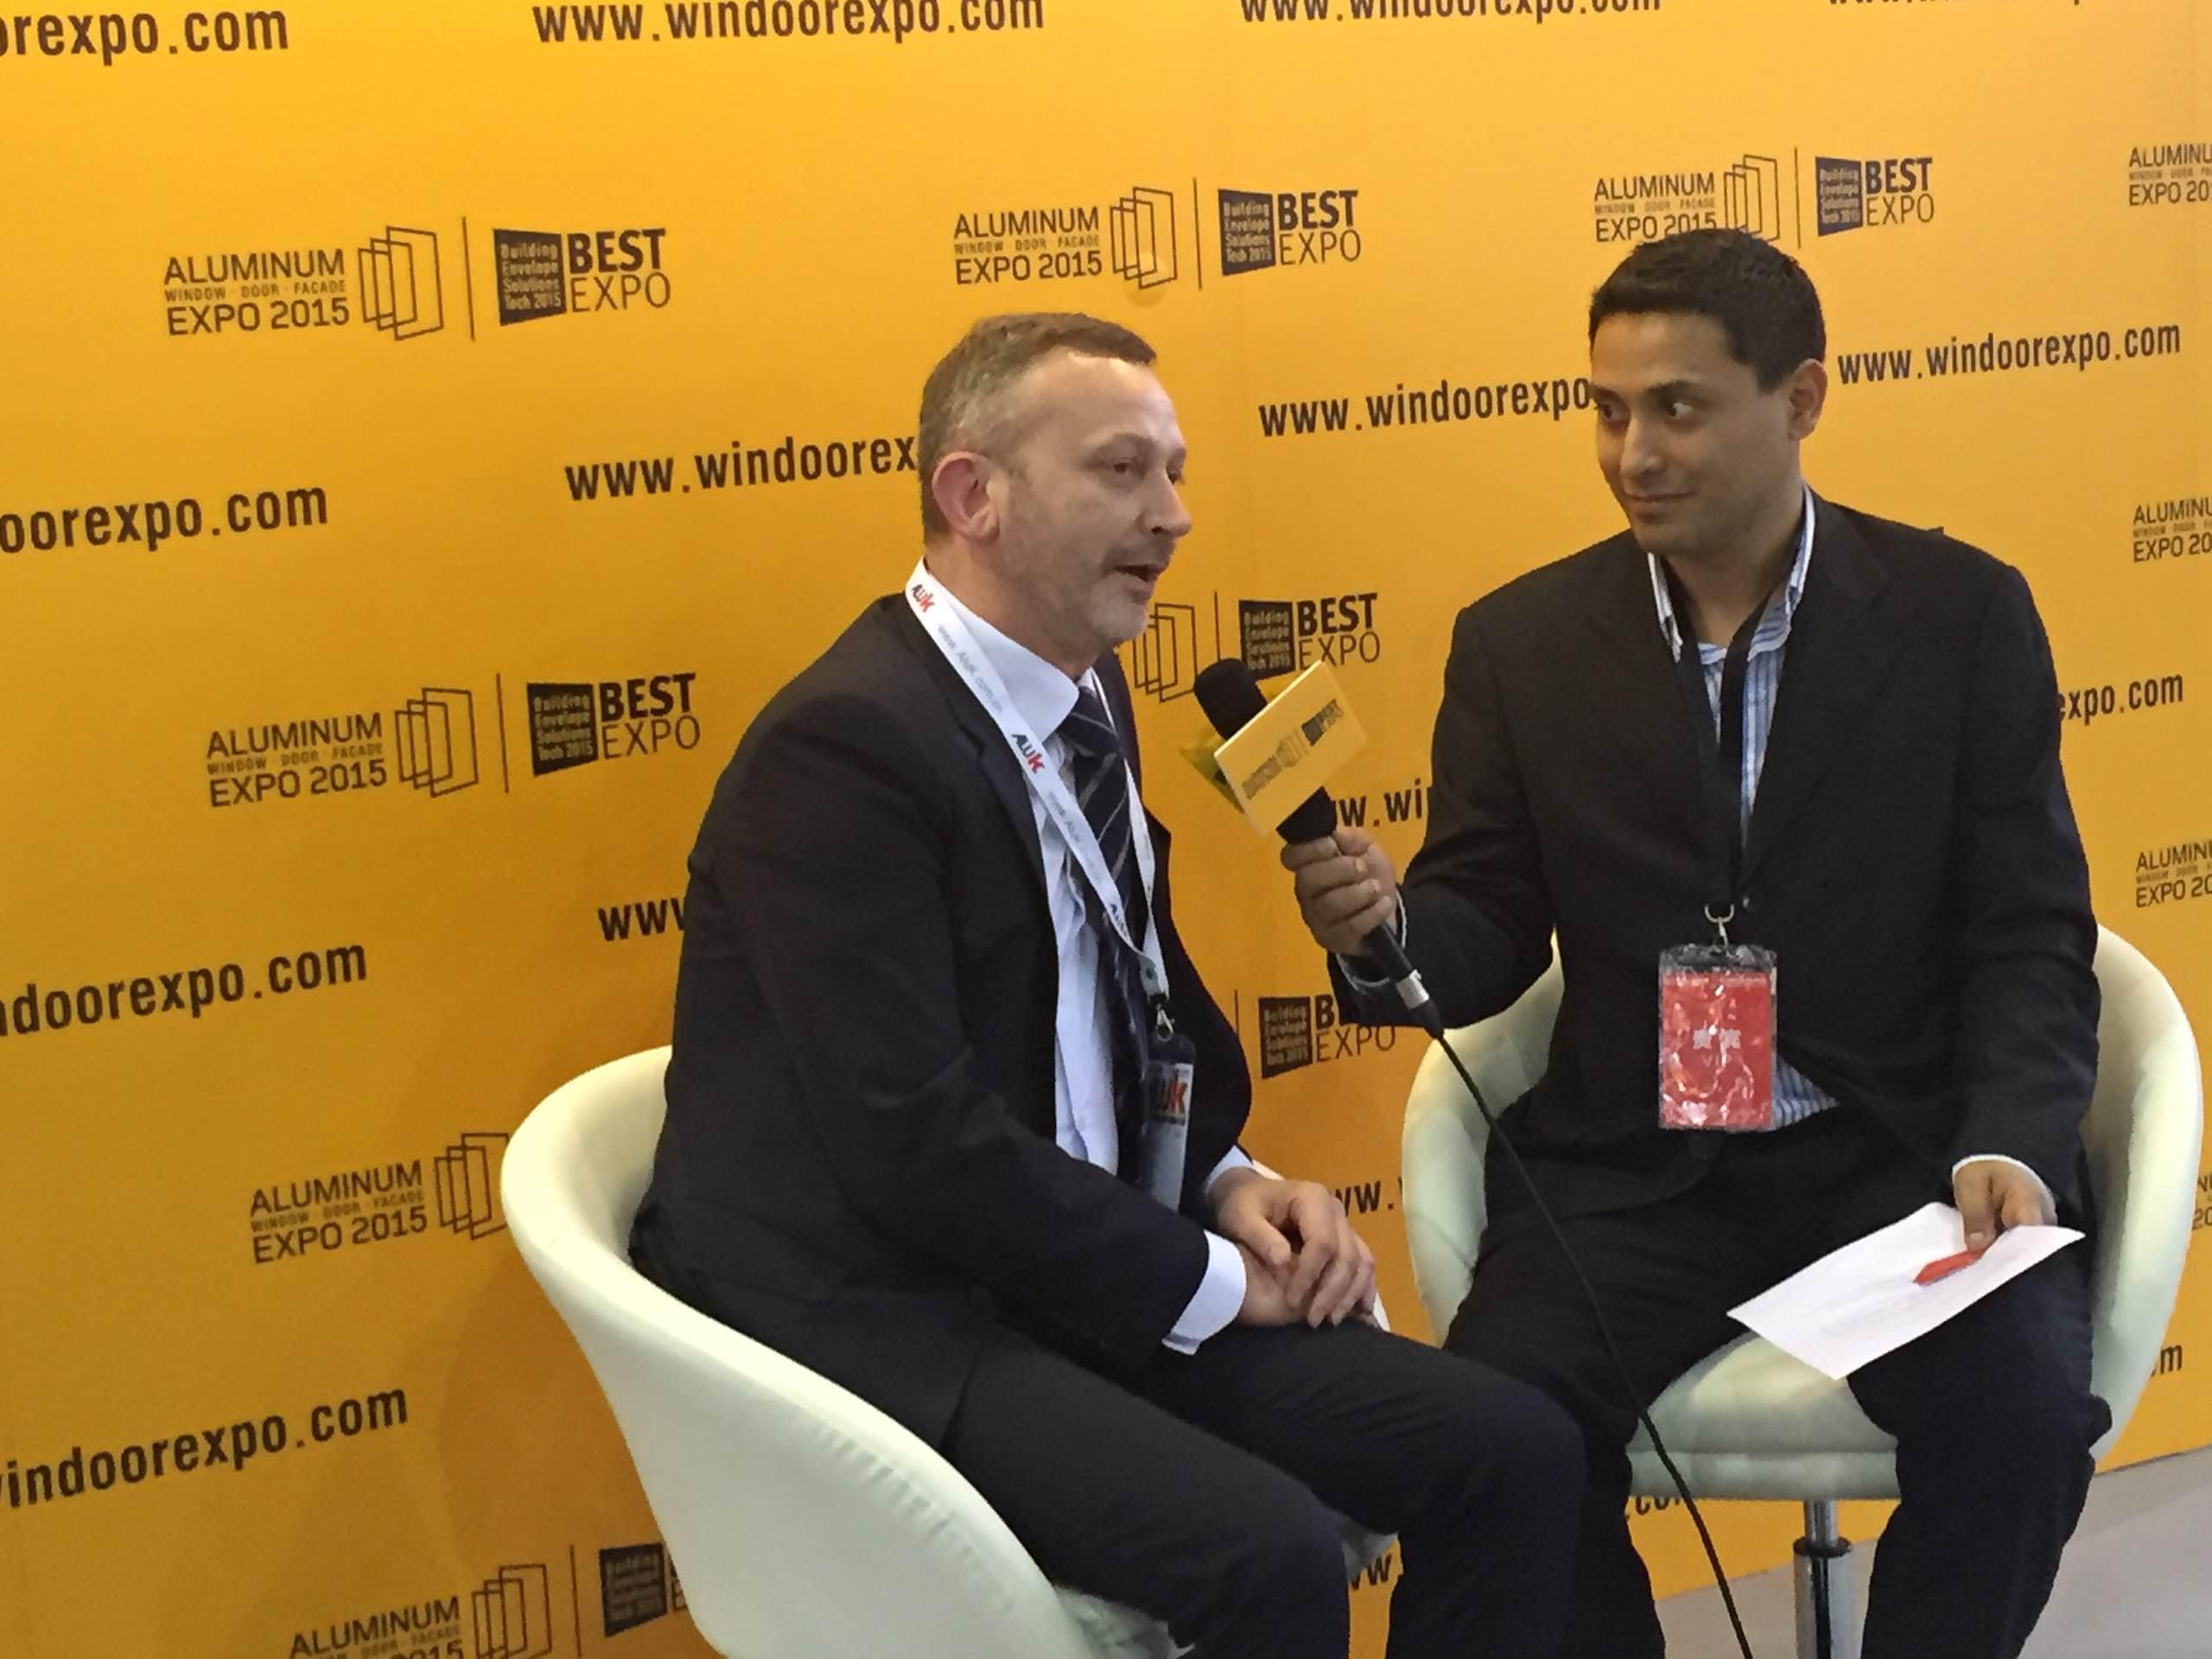 Mr. Jorg van Hoven interviewing Italian designer at best expo design event in Guangzhou